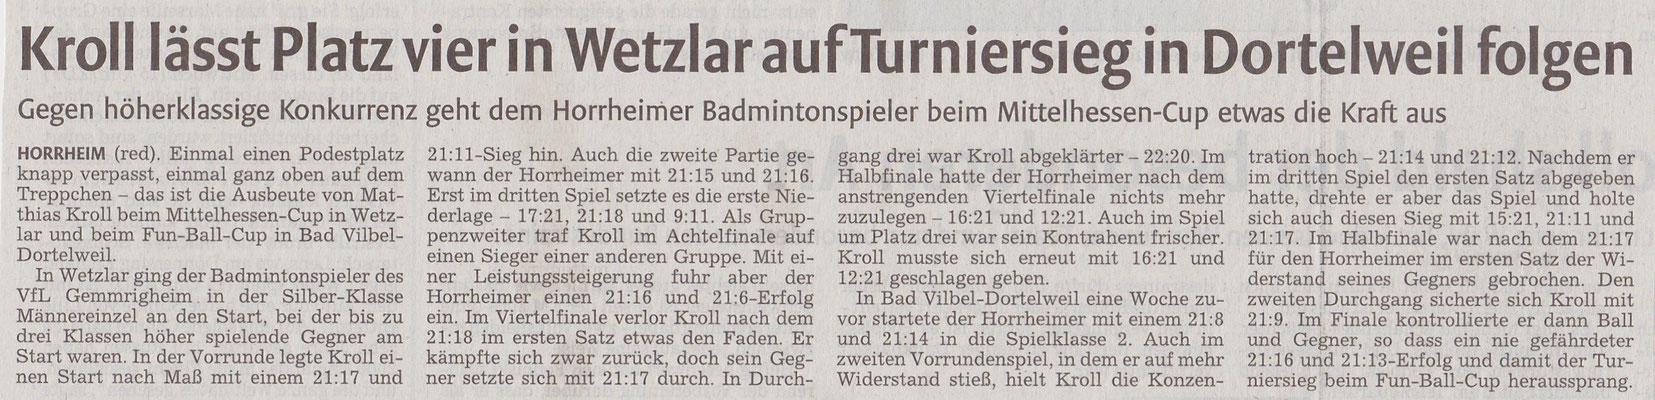 Bericht Hessen-Cup Wetzlar 2016